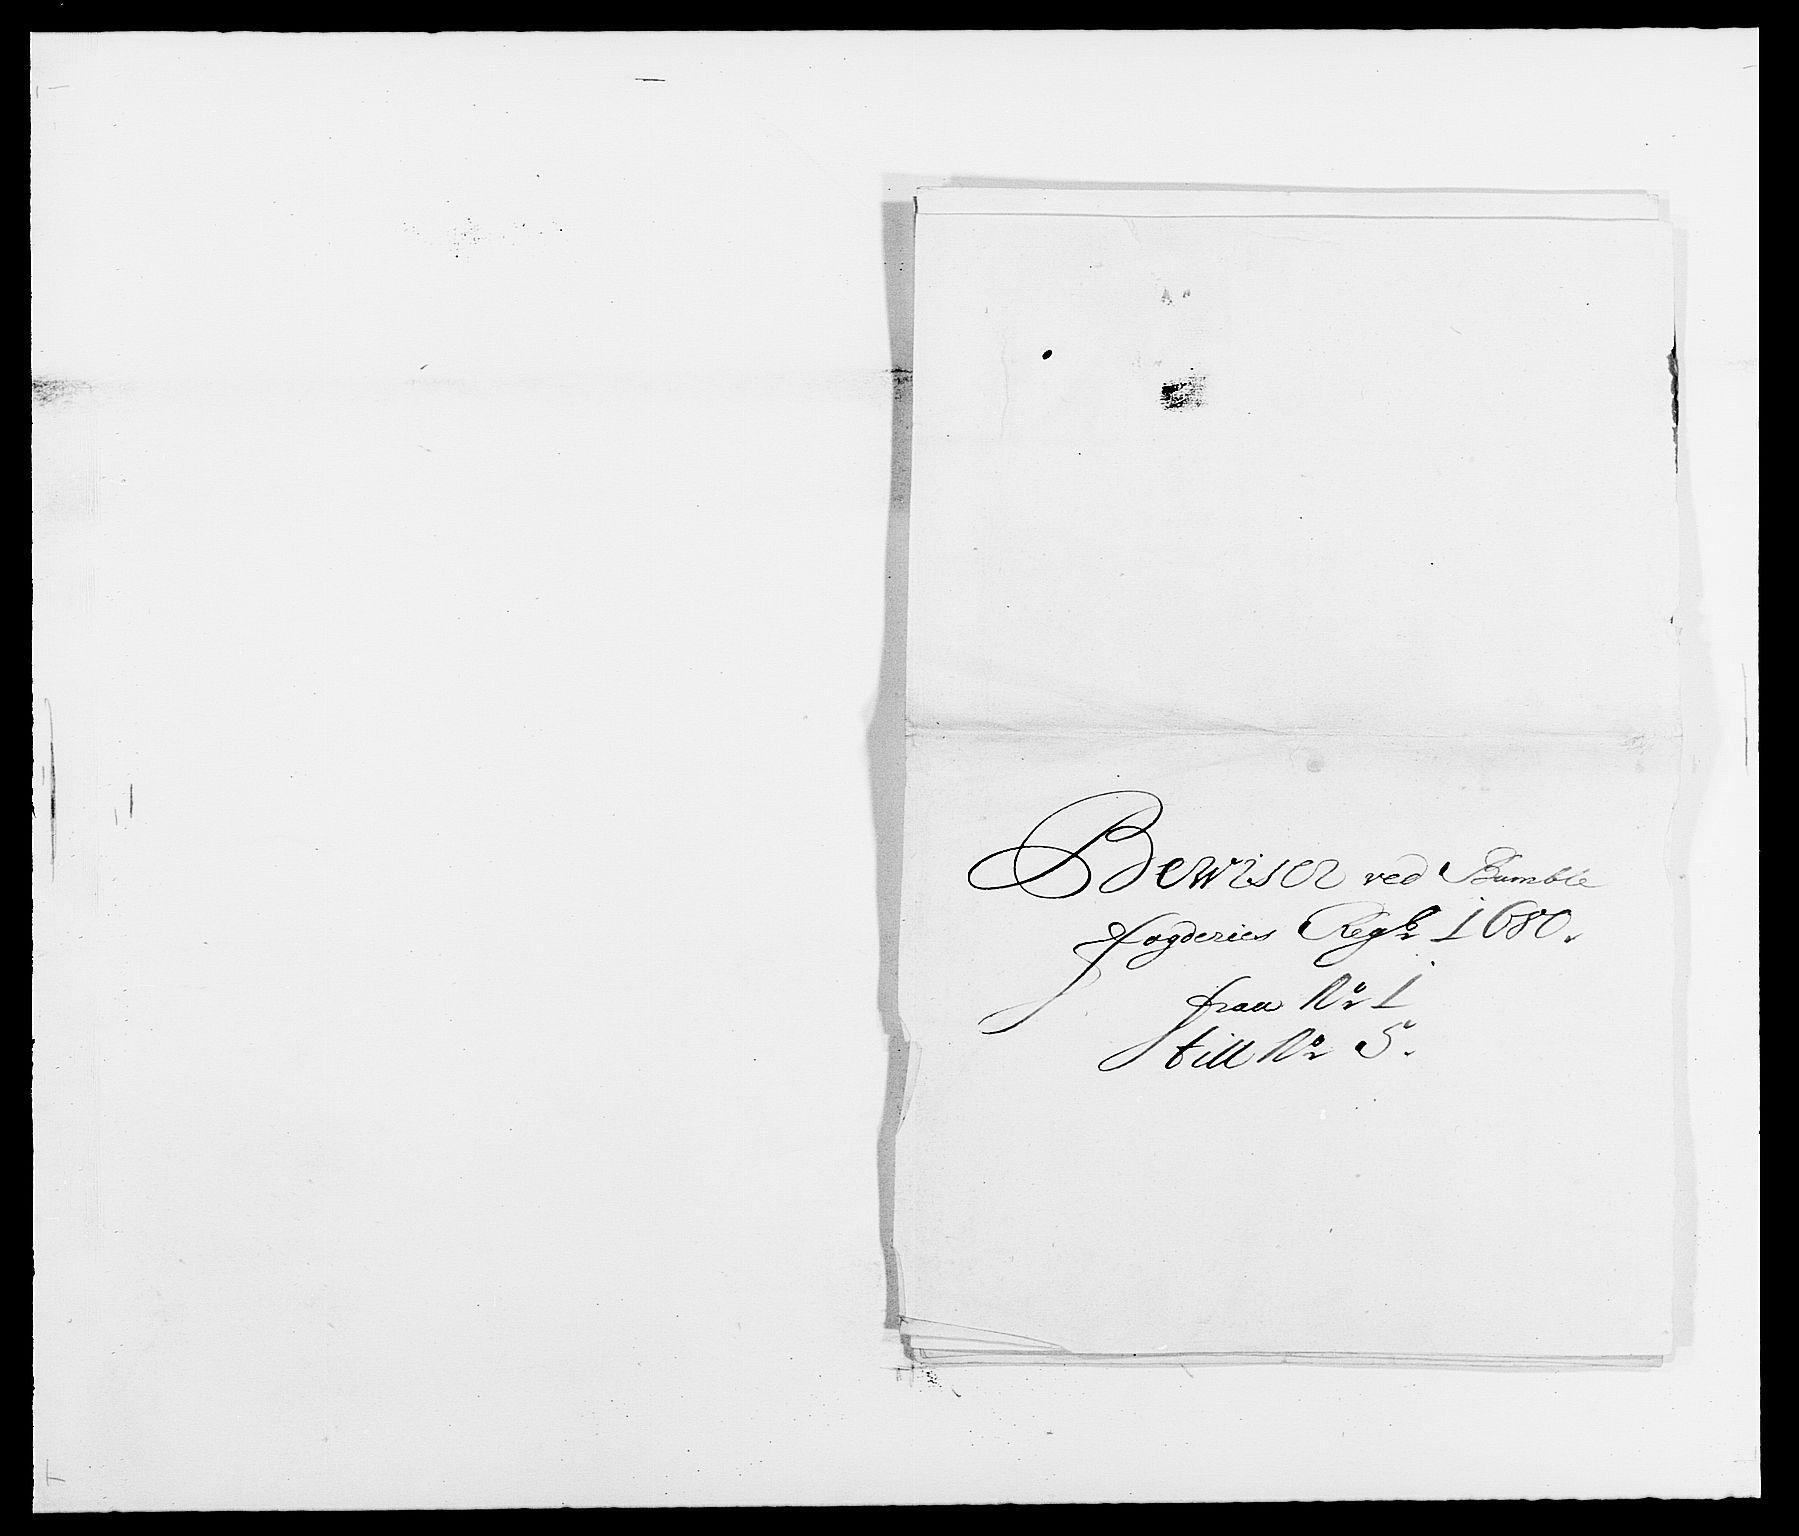 RA, Rentekammeret inntil 1814, Reviderte regnskaper, Fogderegnskap, R34/L2045: Fogderegnskap Bamble, 1680-1681, s. 214